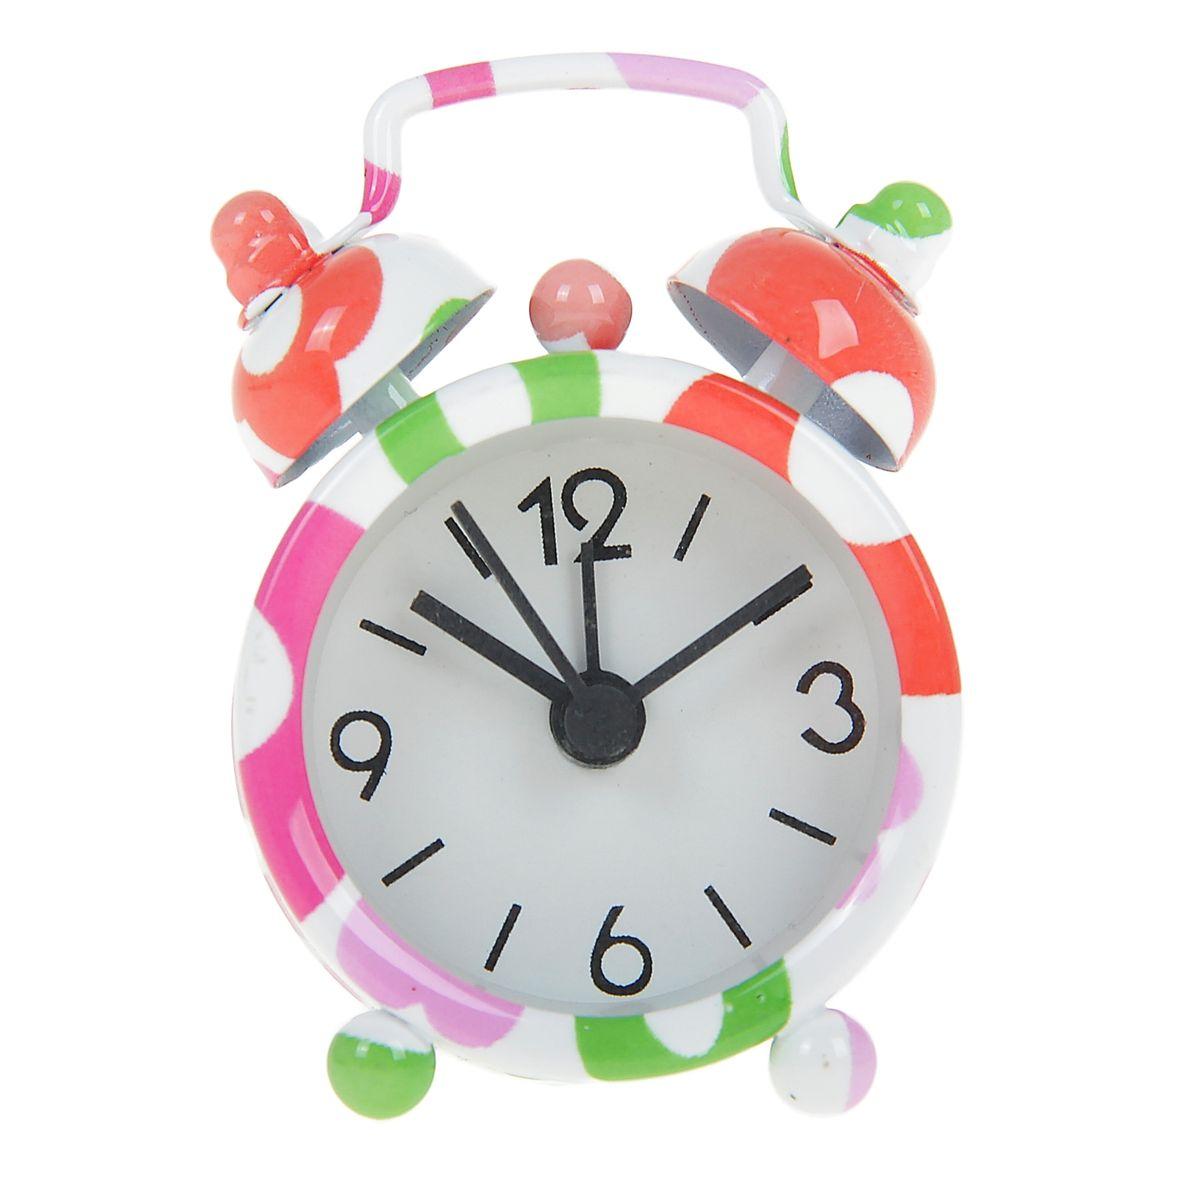 Часы-будильник Sima-land Полевые цветыAJ3400/12Как же сложно иногда вставать вовремя! Всегда так хочется поспать еще хотя бы 5 минут и бывает, что мы просыпаем. Теперь этого не случится! Яркий, оригинальный будильник Sima-land Полевые цветы поможет вам всегда вставать в нужное время и успевать везде и всюду. Будильник украсит вашу комнату и приведет в восхищение друзей. Эта уменьшенная версия привычного будильника умещается на ладони и работает так же громко, как и привычные аналоги. Время показывает точно и будит в установленный час.На задней панели будильника расположены переключатель включения/выключения механизма, а также два колесика для настройки текущего времени и времени звонка будильника.Будильник работает от 1 батарейки типа LR44 (входит в комплект).